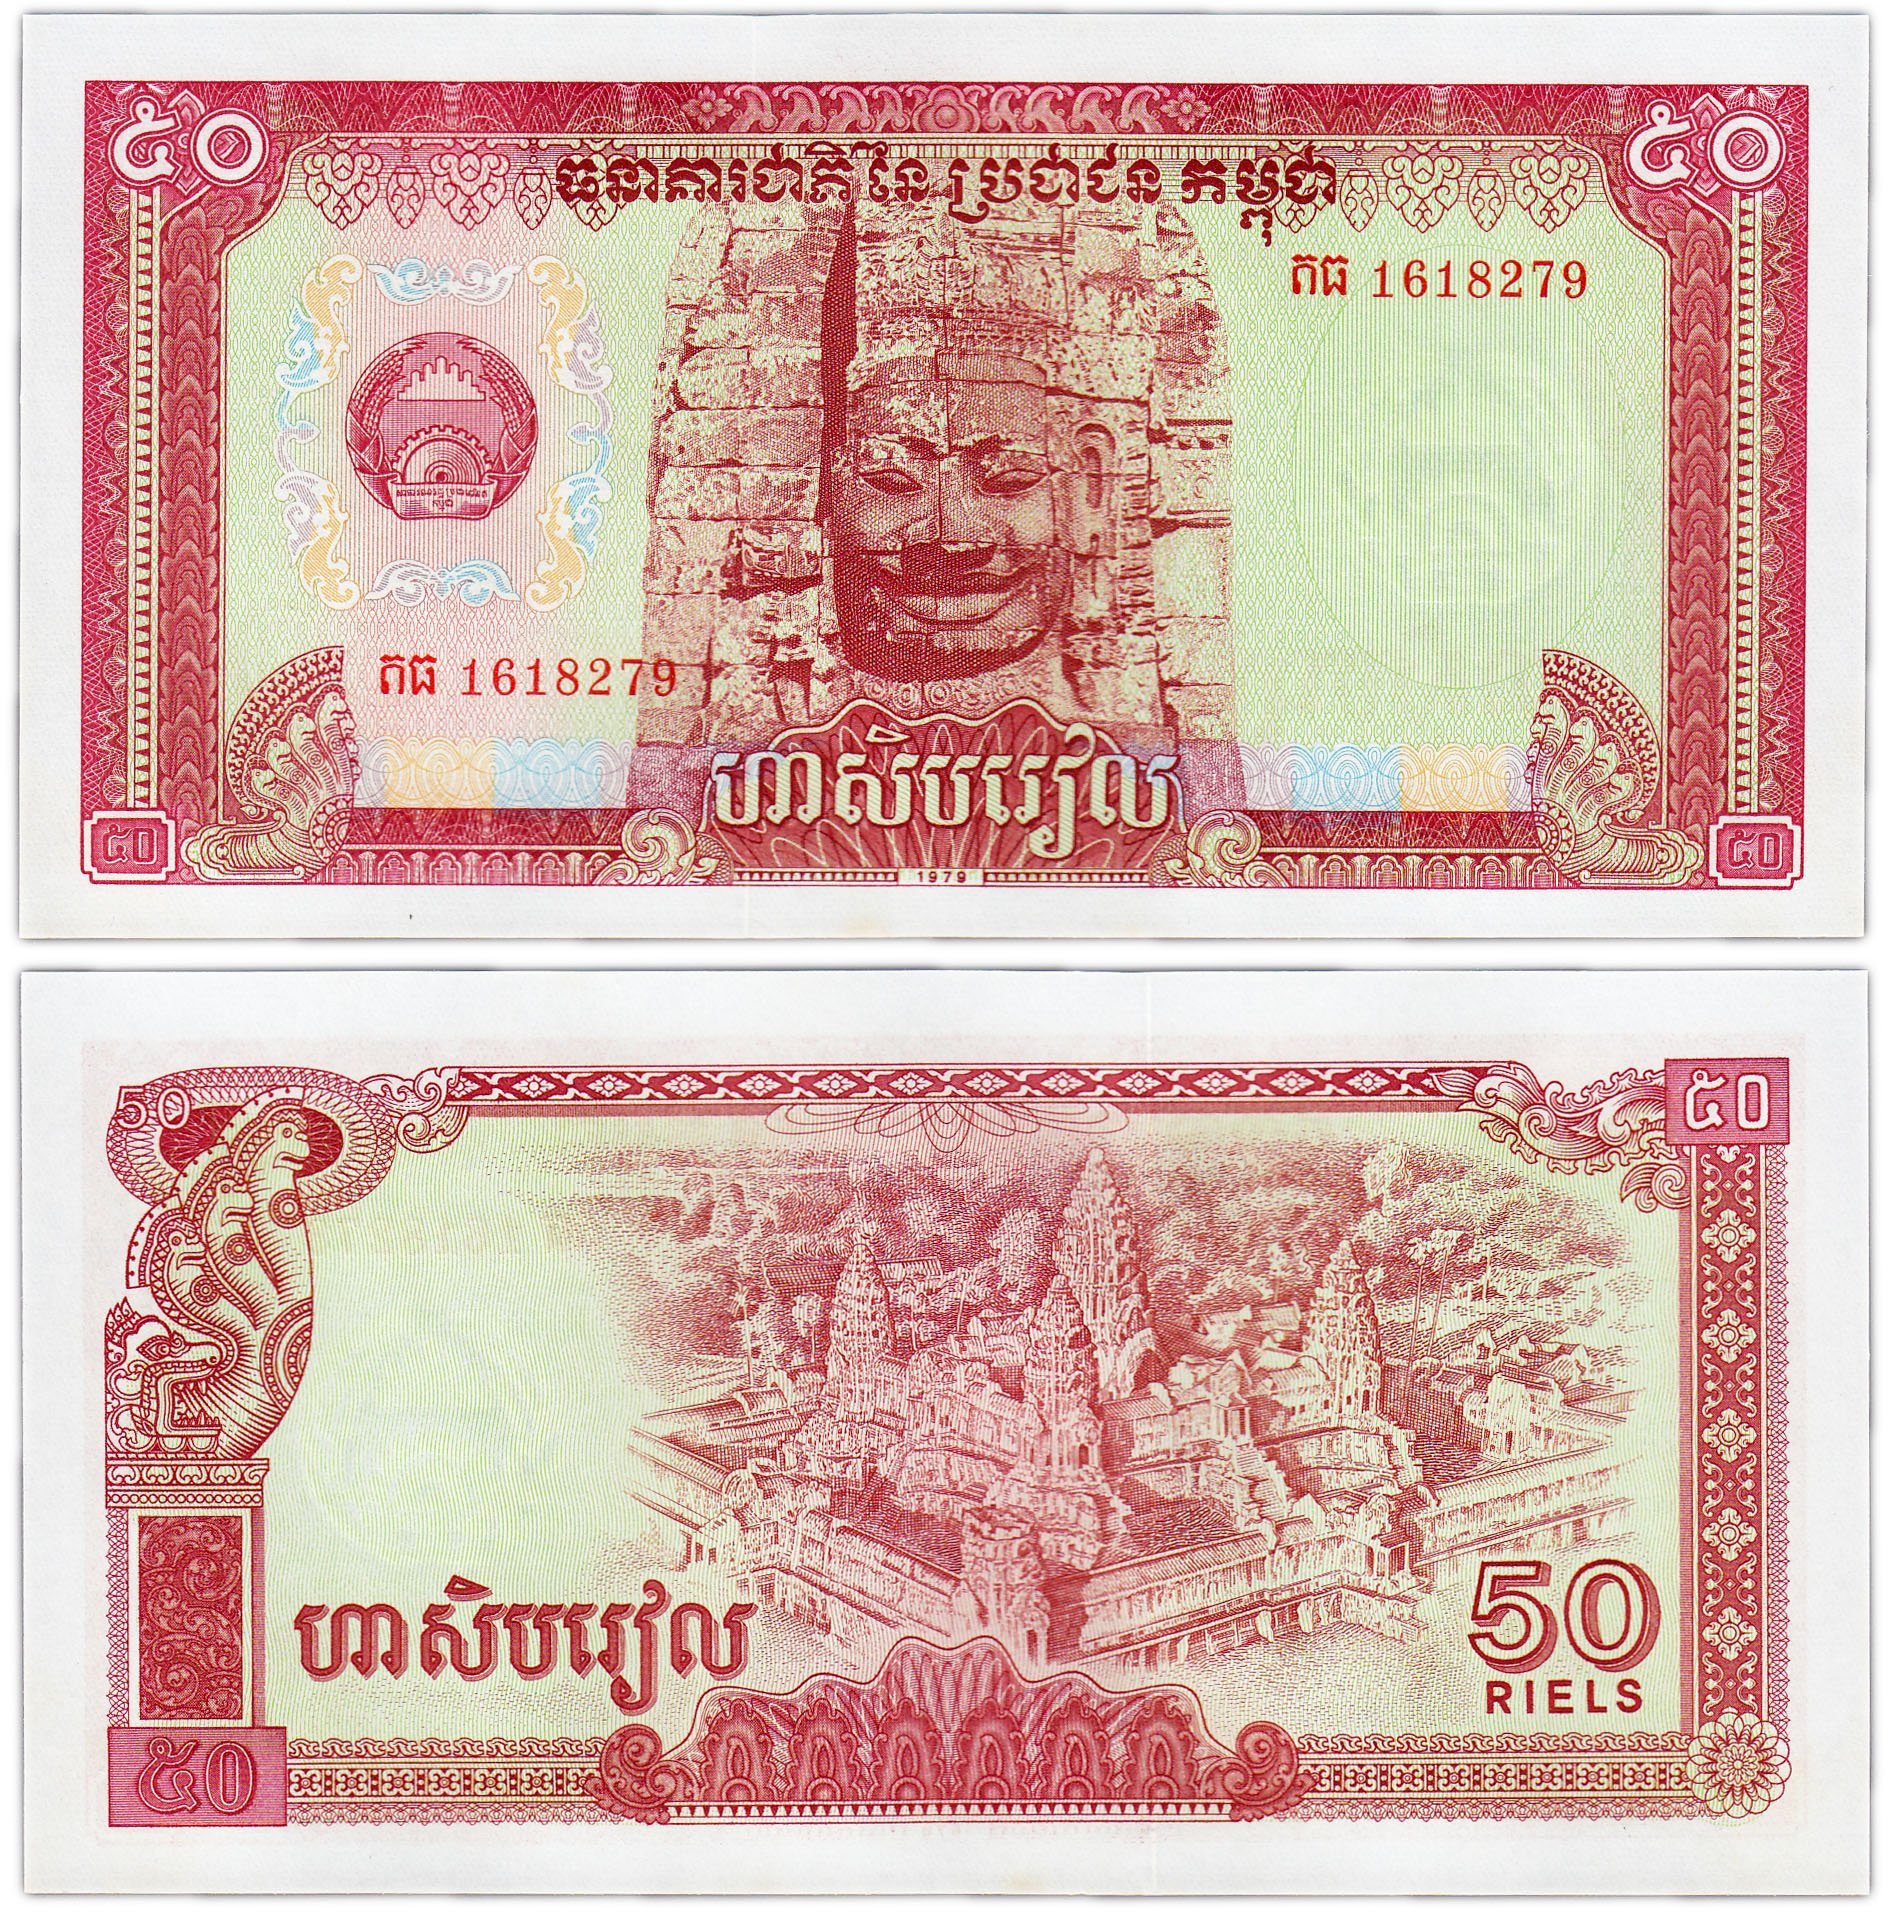 камбоджийский риель фото нашем каталоге представлены